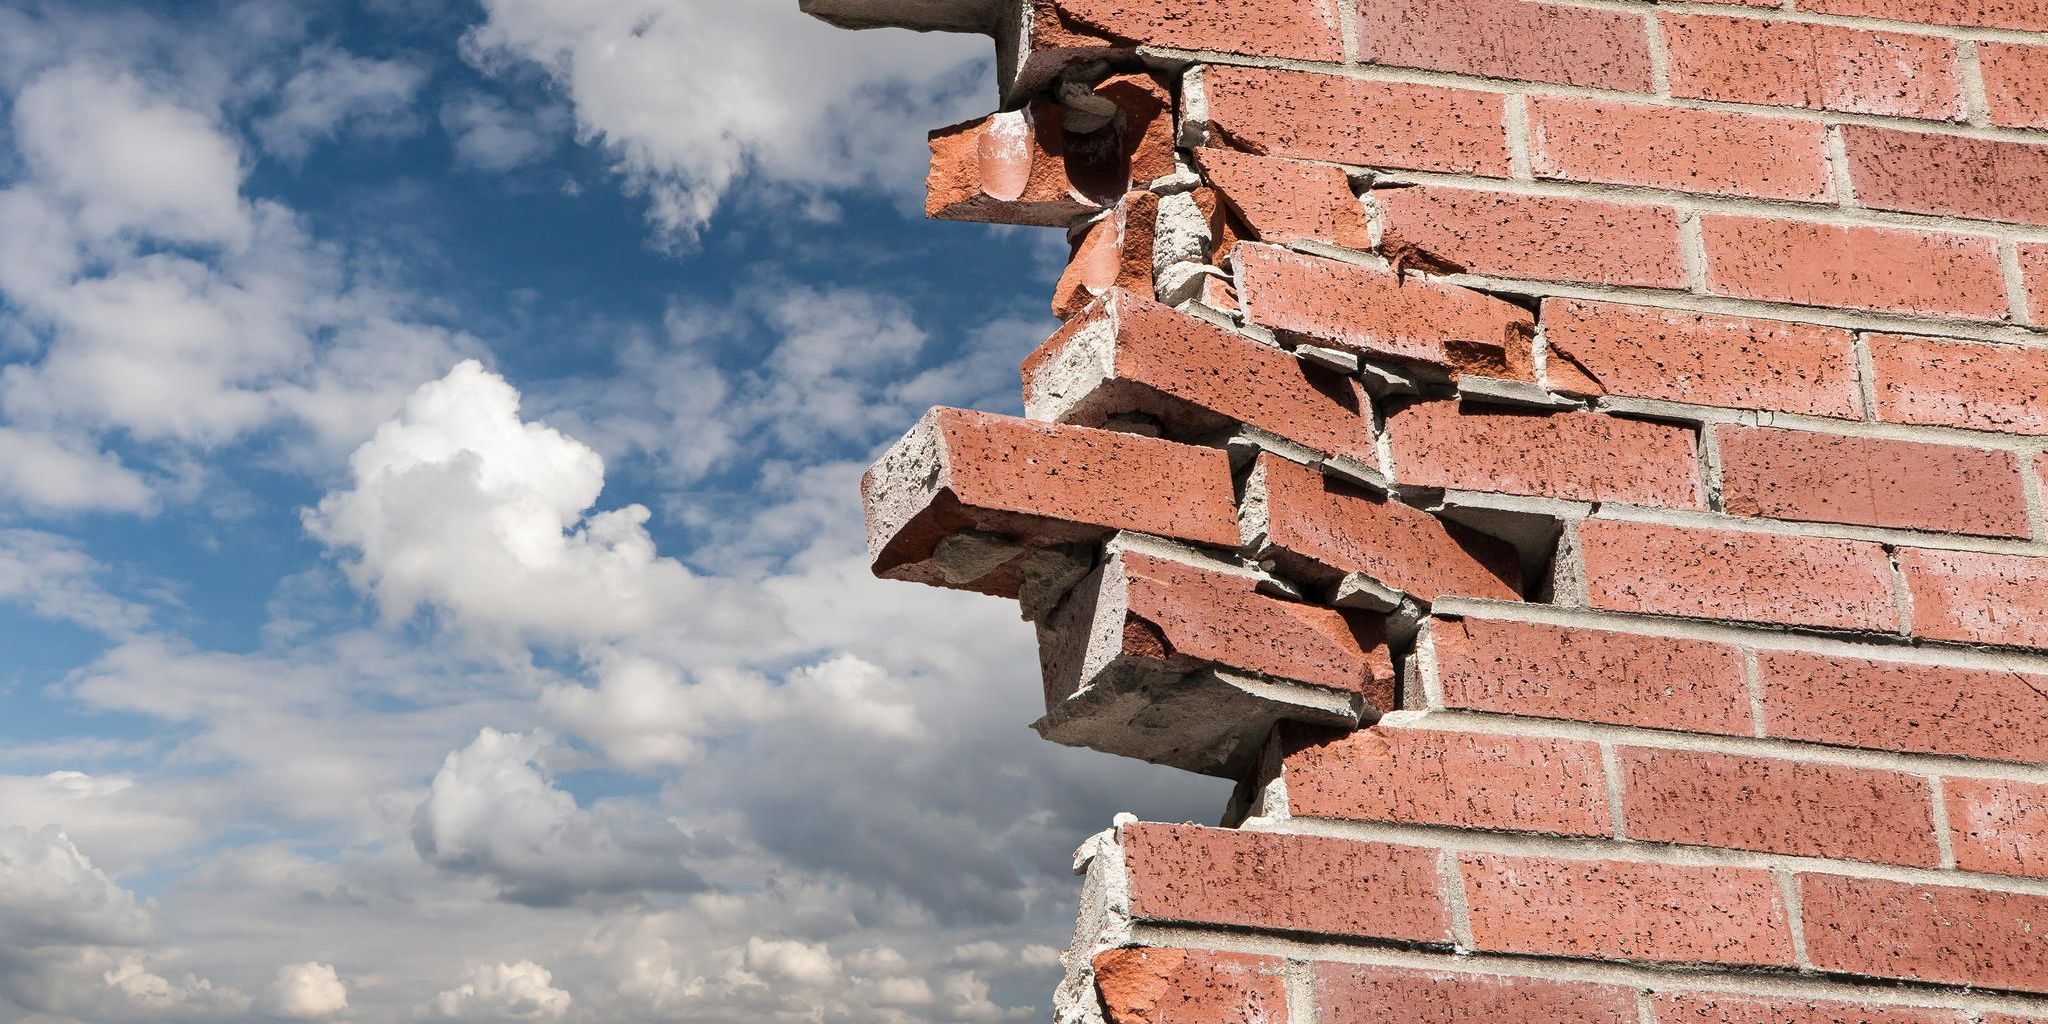 Derribando el muro para descubrir la estrategia